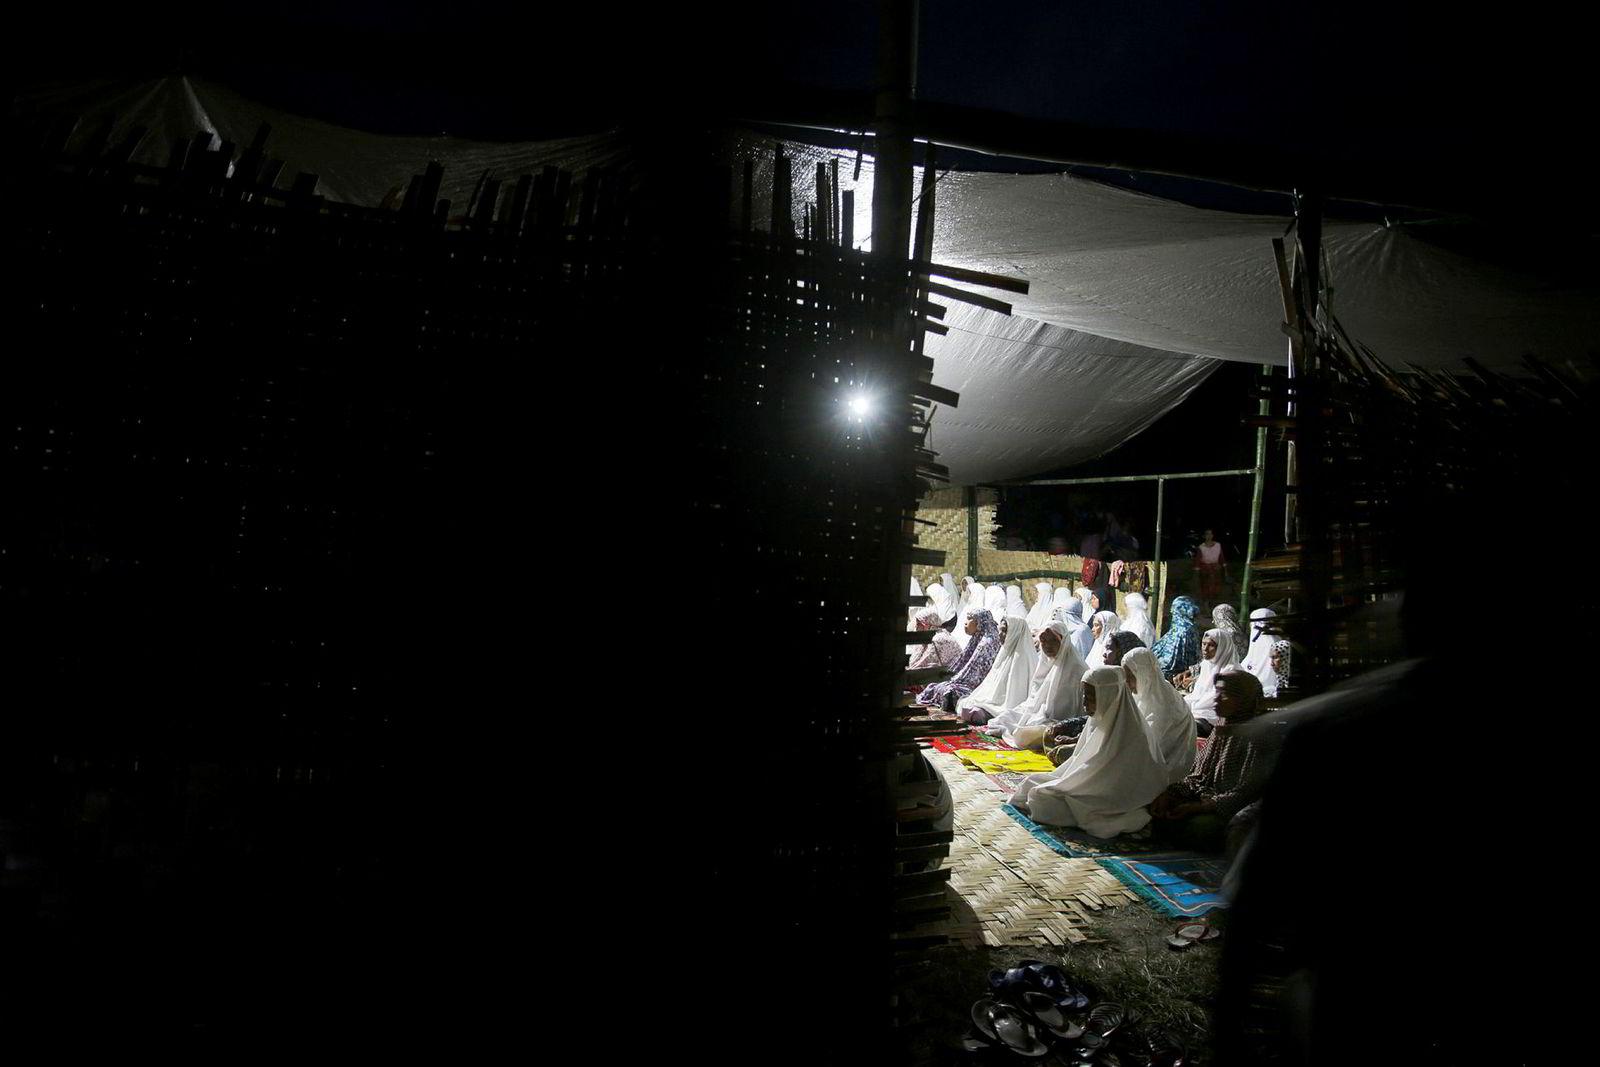 Kvinner er bøyd i bønn inne i et telt i et av områdene satt opp for å gi ly til de mange hjemløse fra torsdagens jordskjelv i Indonesia. Etterskjelvet ble målt til 6,2.